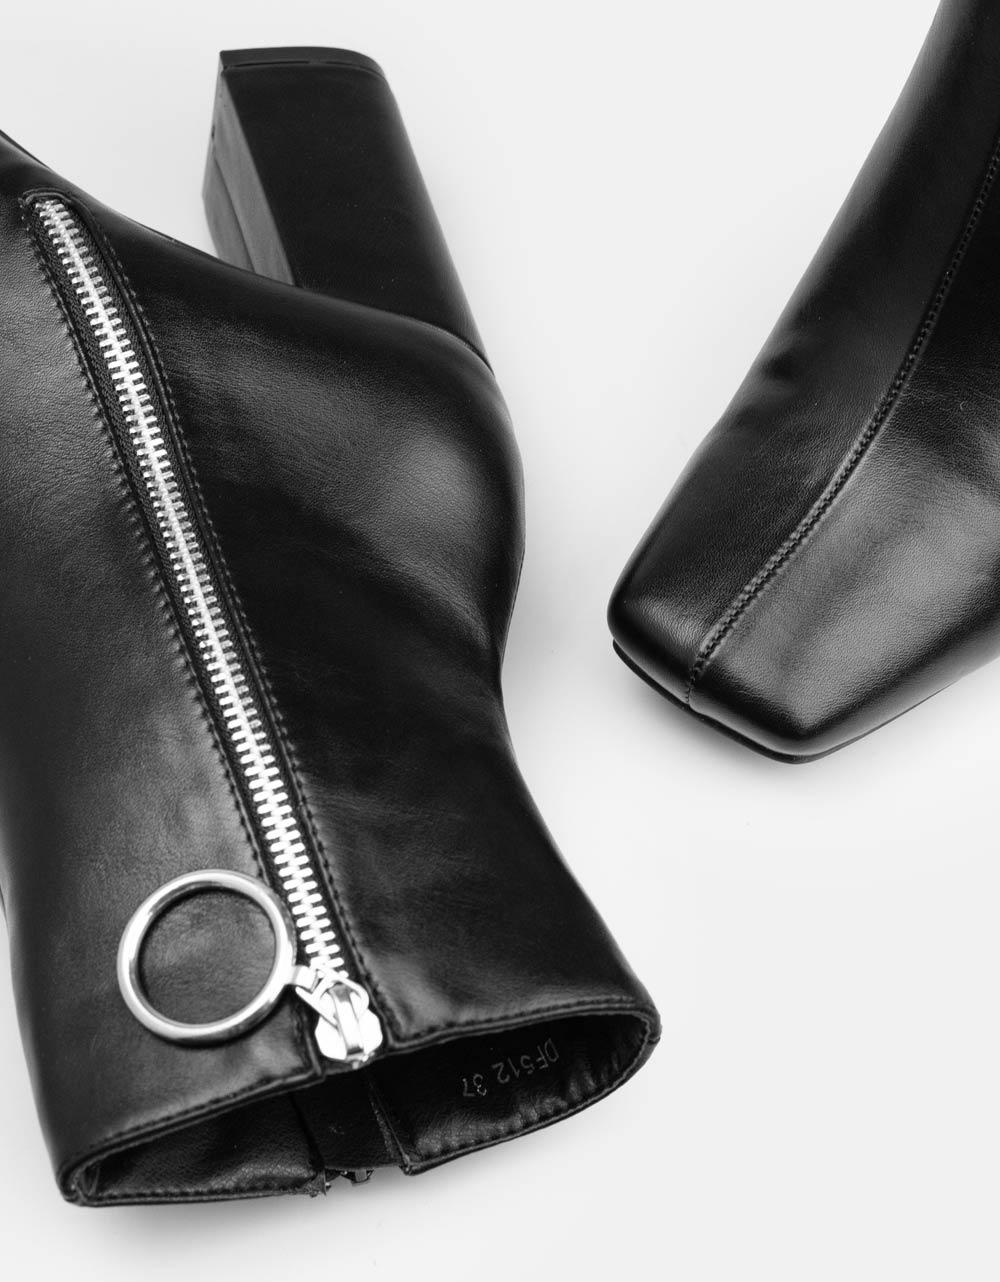 Εικόνα από Γυναικεία μποτάκια με τετράγωνη μύτη Μαύρο